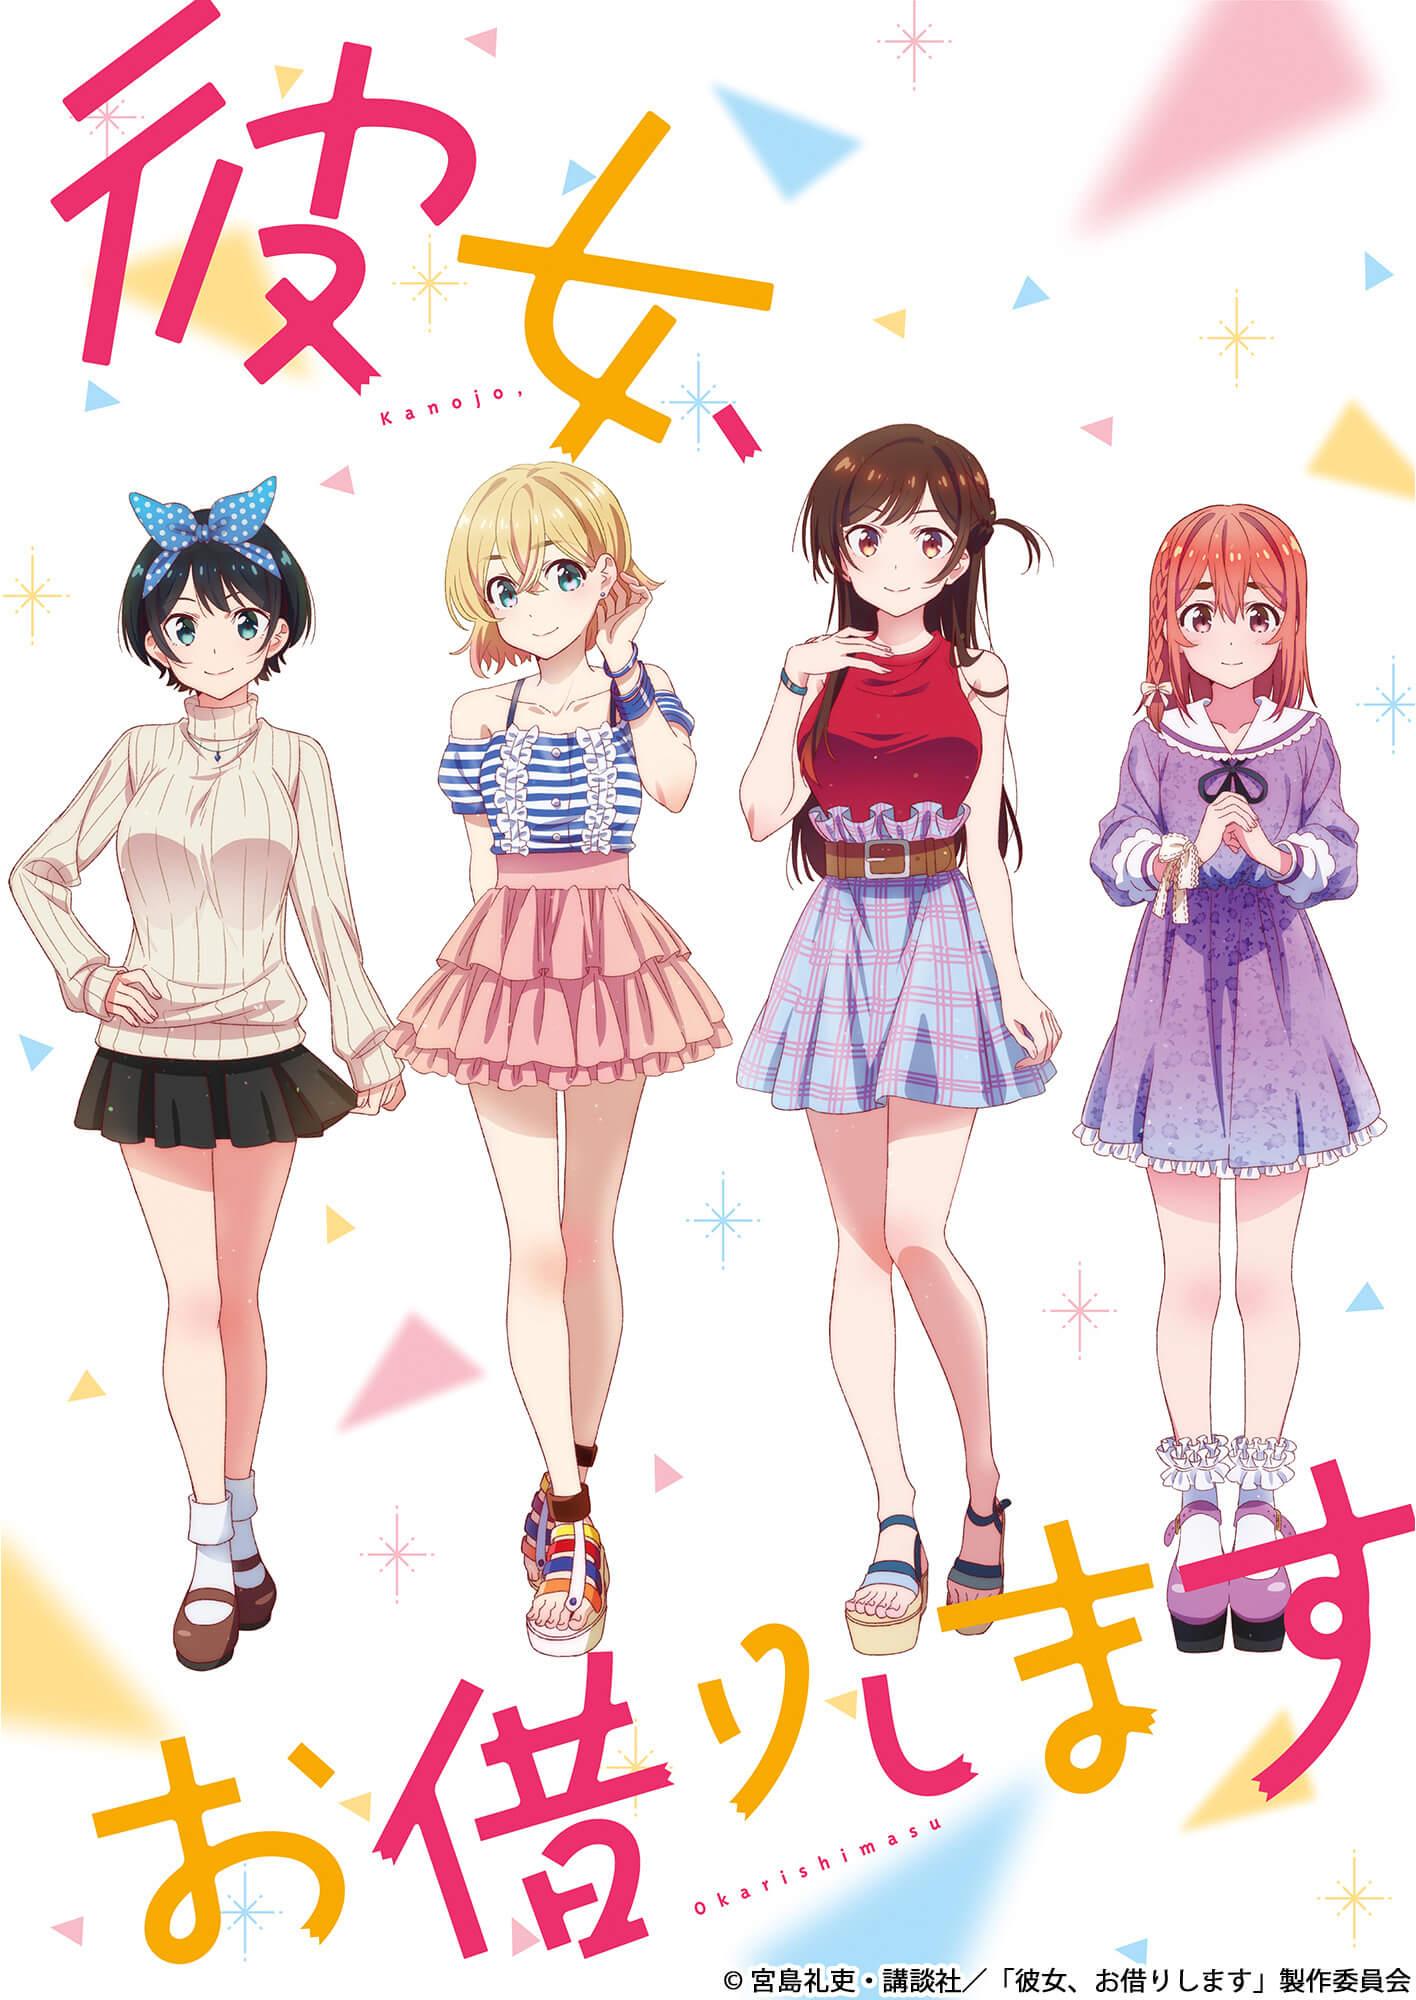 Kanojo Okarishimasu imagen promocional